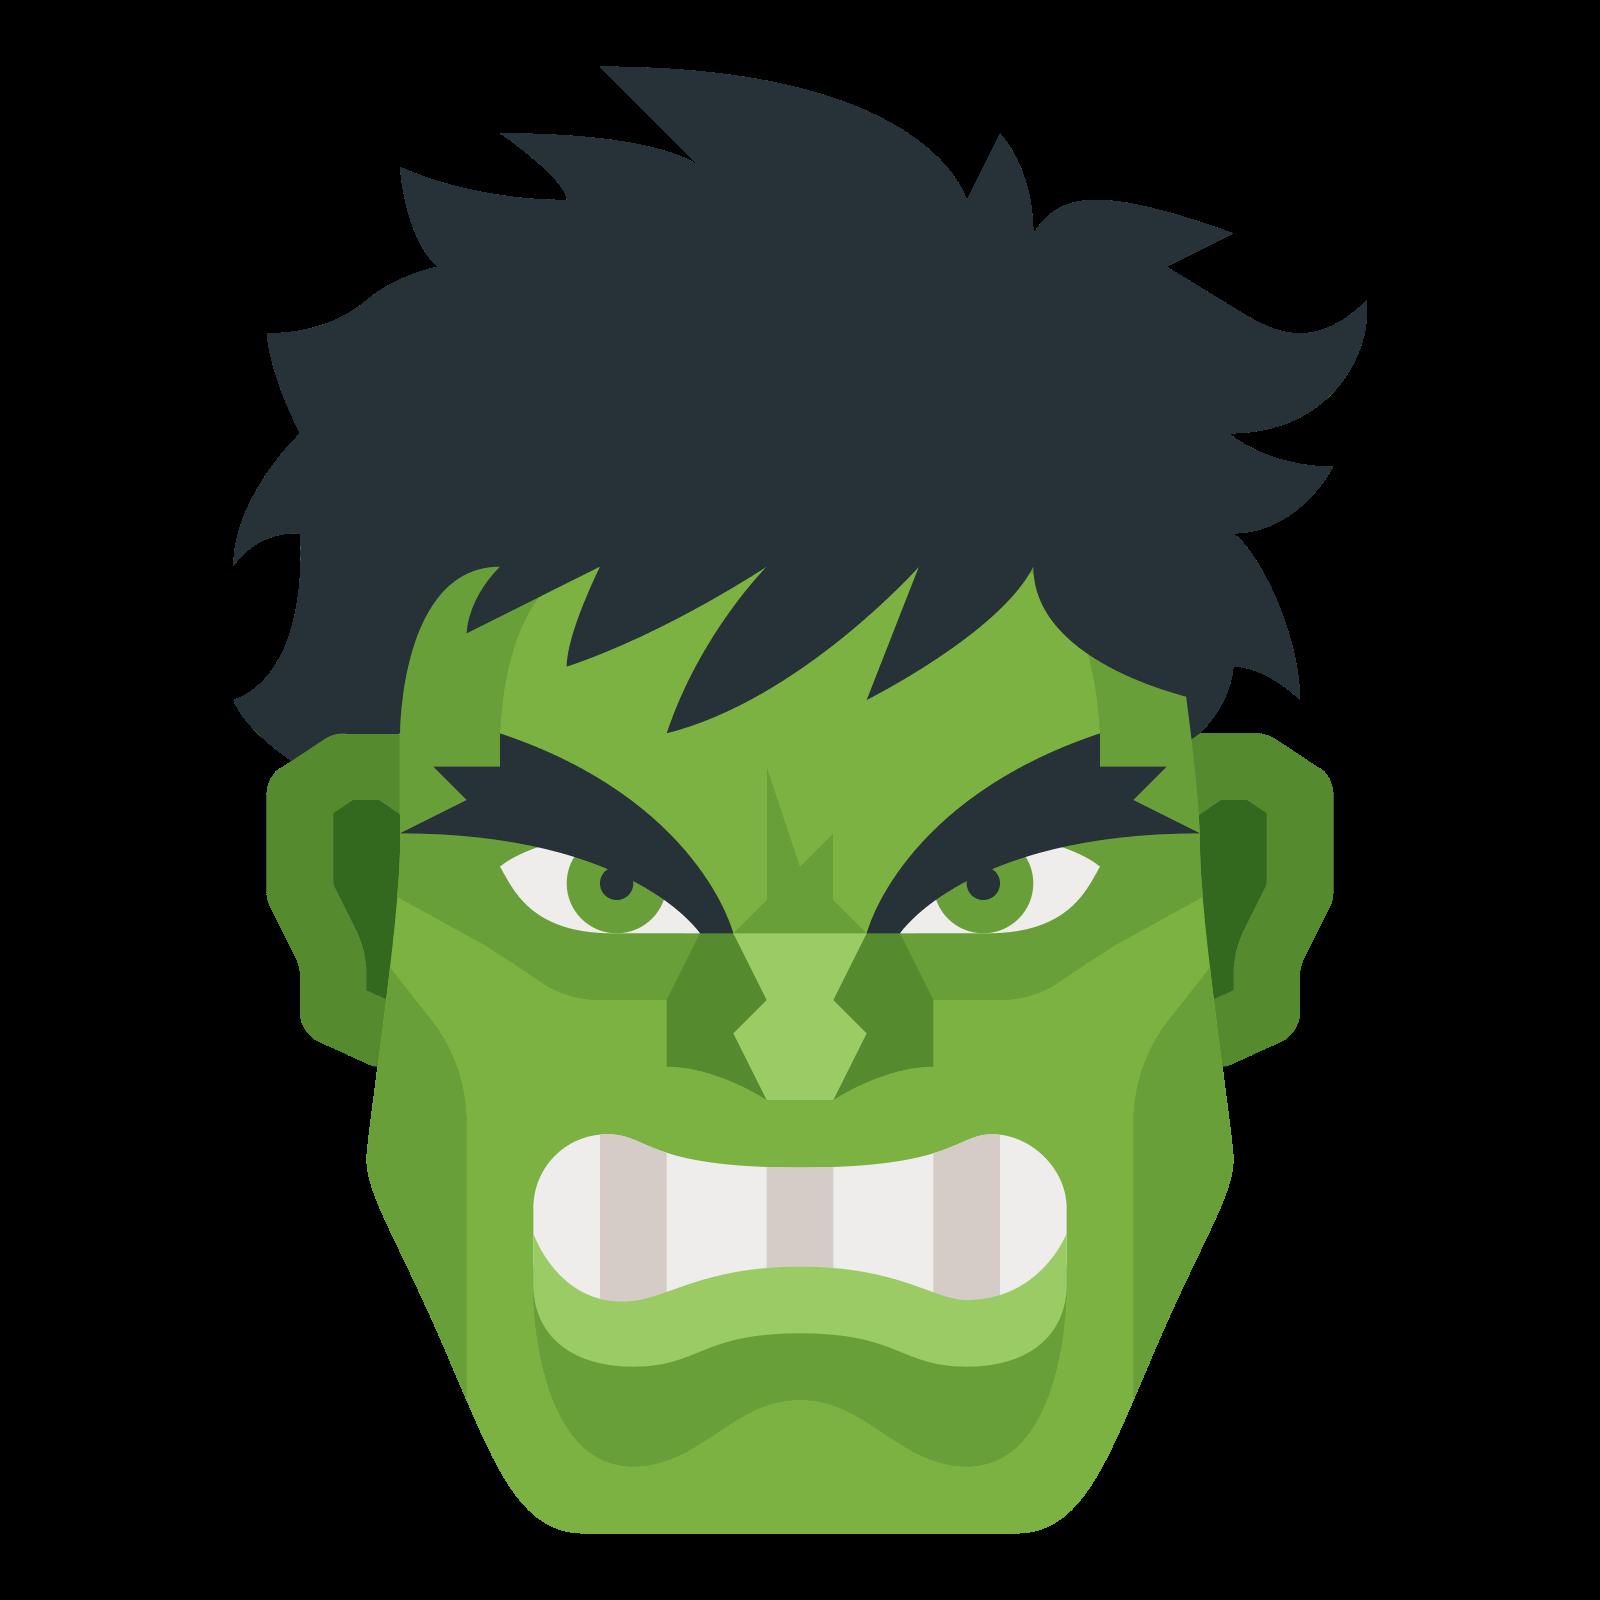 :hulk: